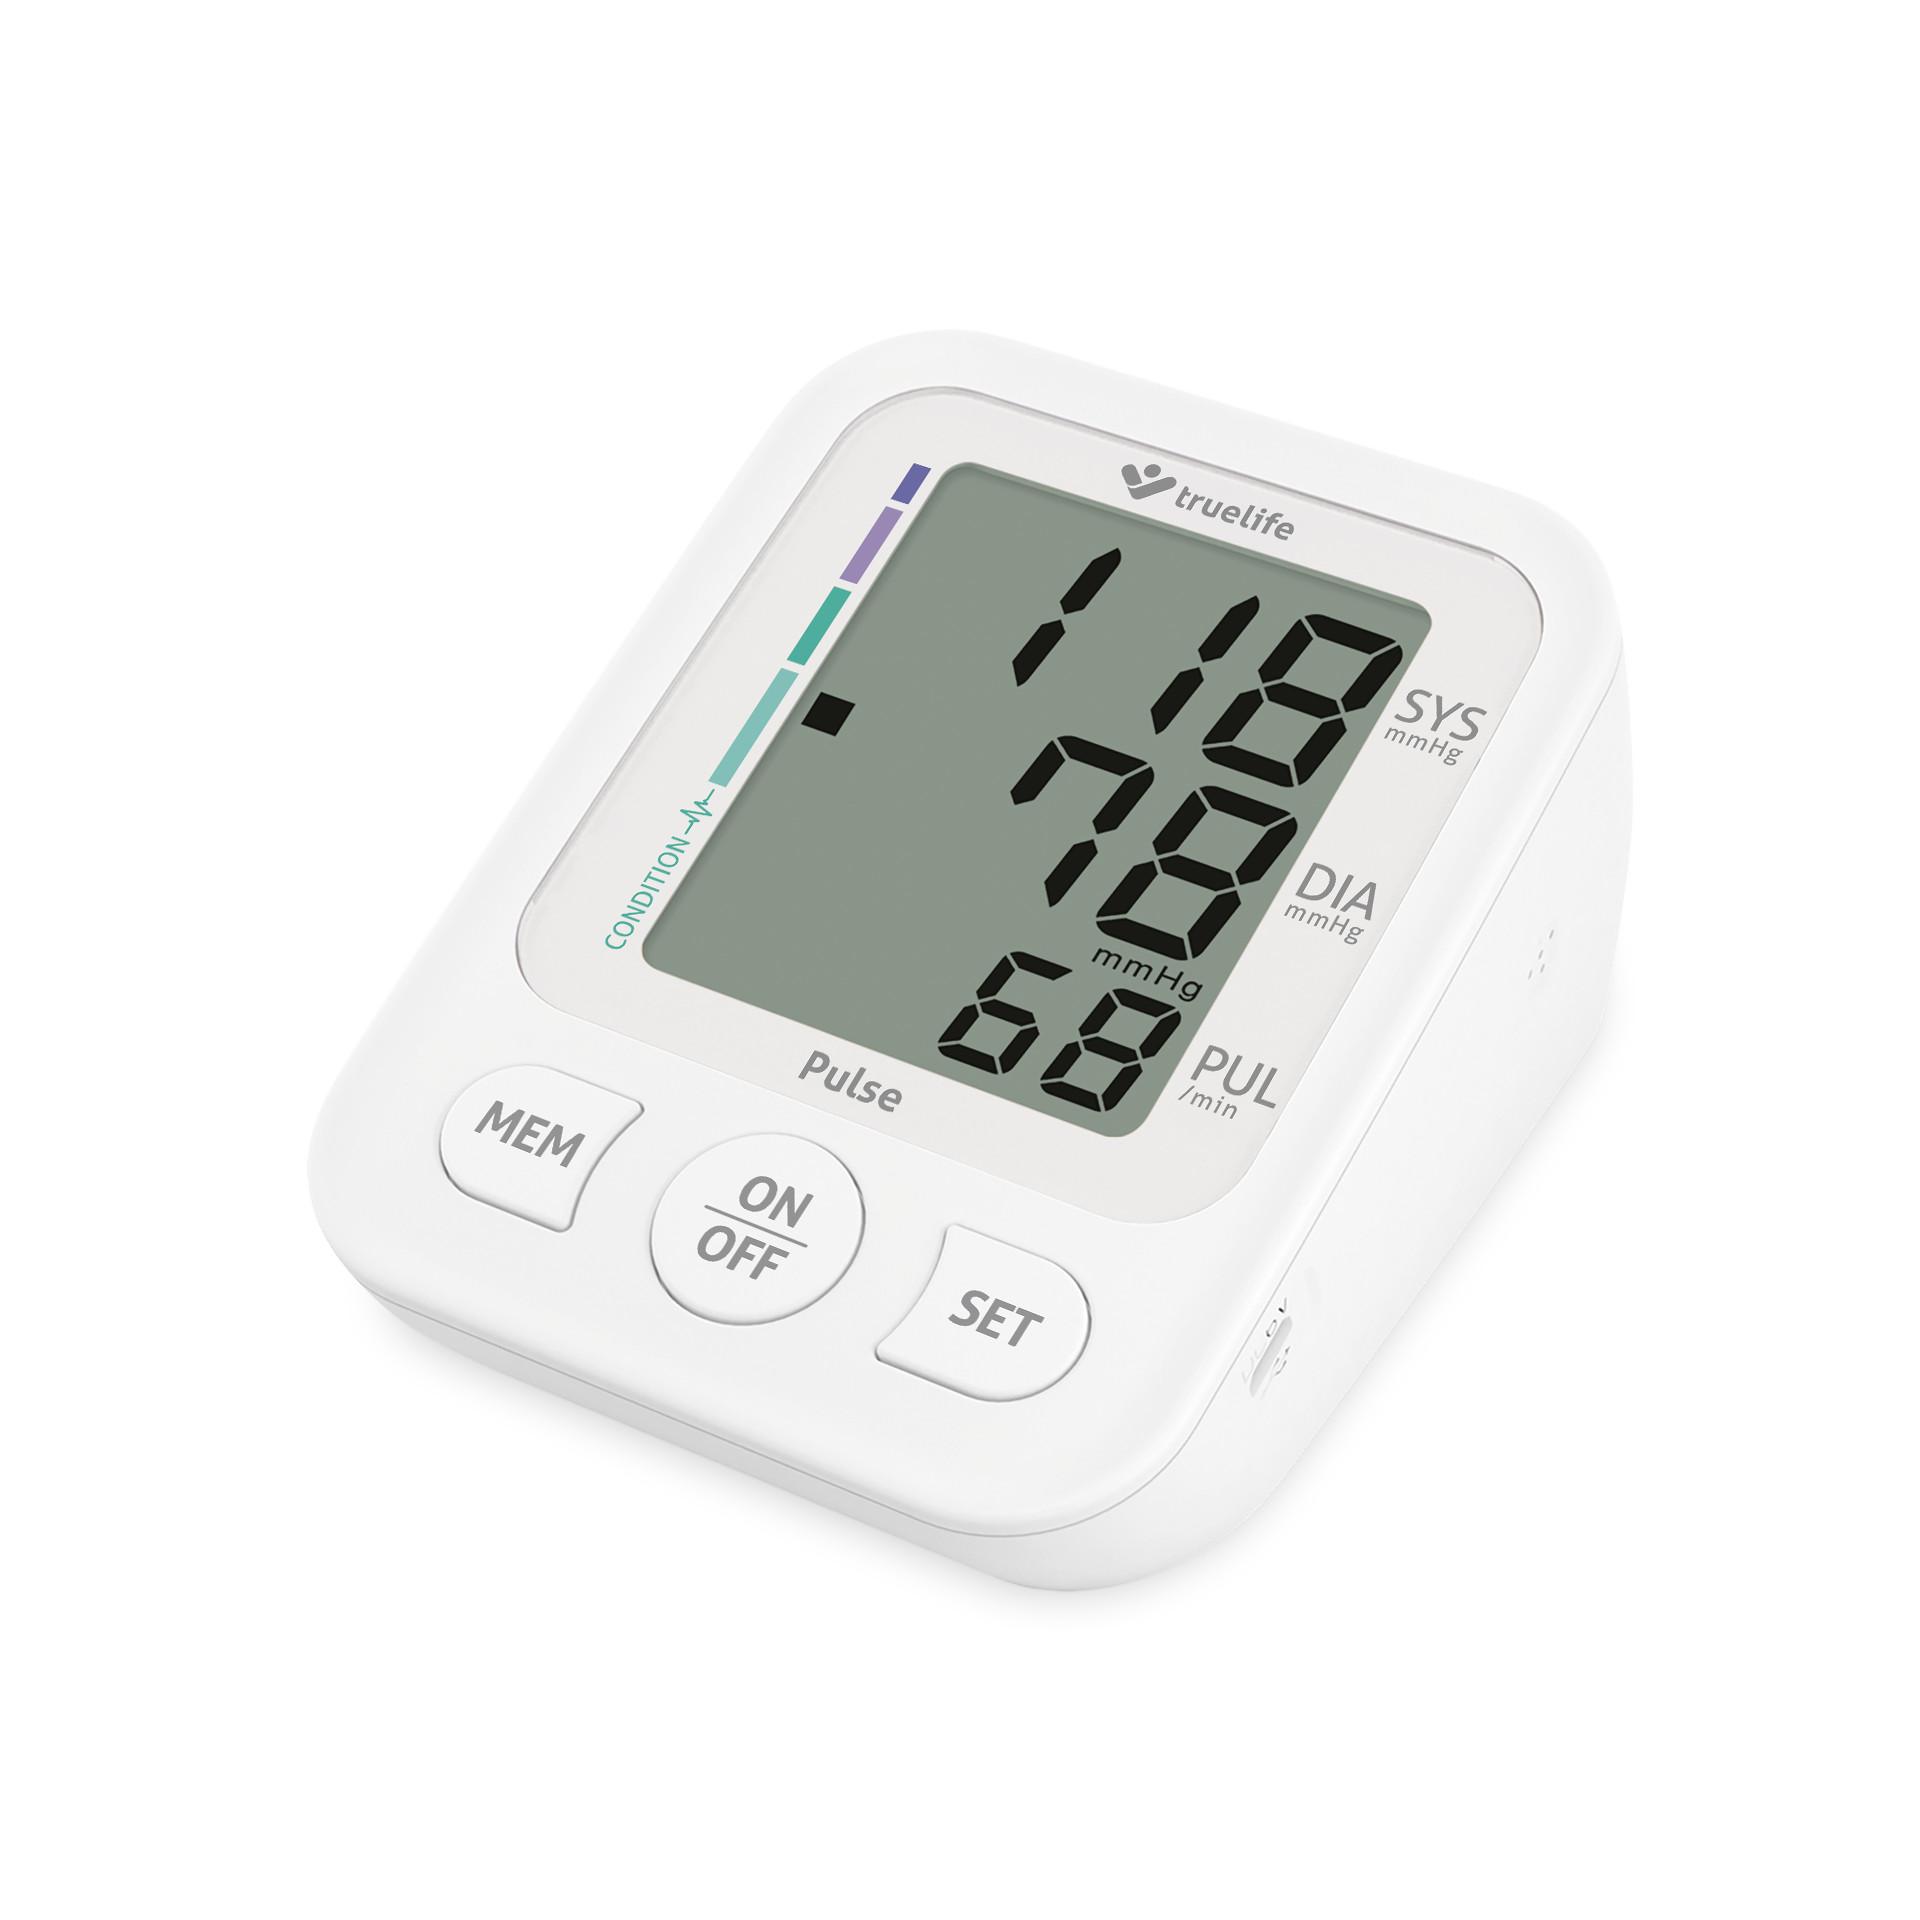 Hogyan mérjük a nyomást egy tonométerrel?